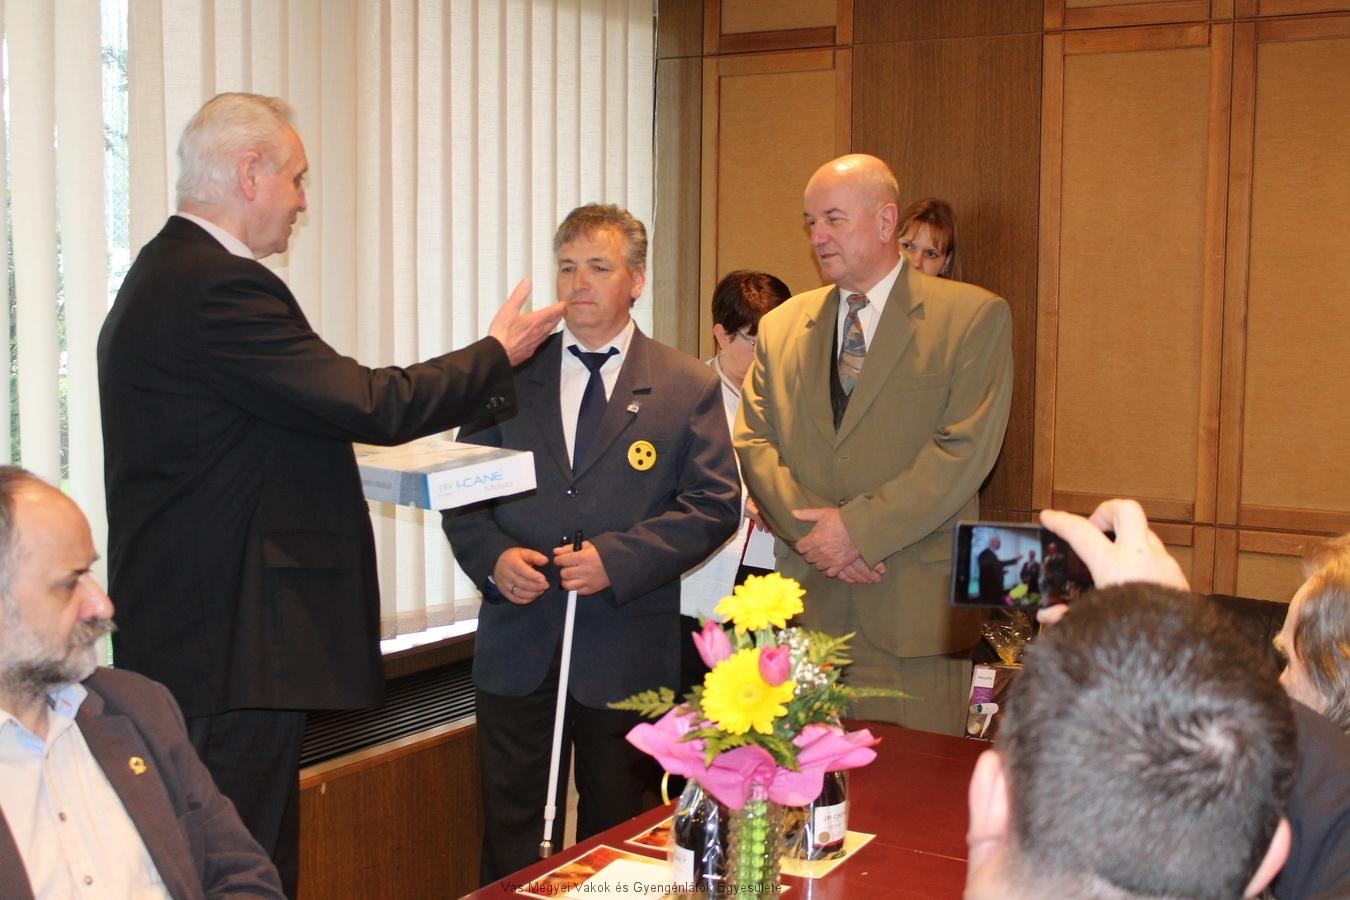 A VAGYOK-on került bejelentésre, hogy a VGYVE kapja az országban 6.-ként az I-Cane okos fehér-botot. A botot Bősze György a VGYVE elnöke vette át.